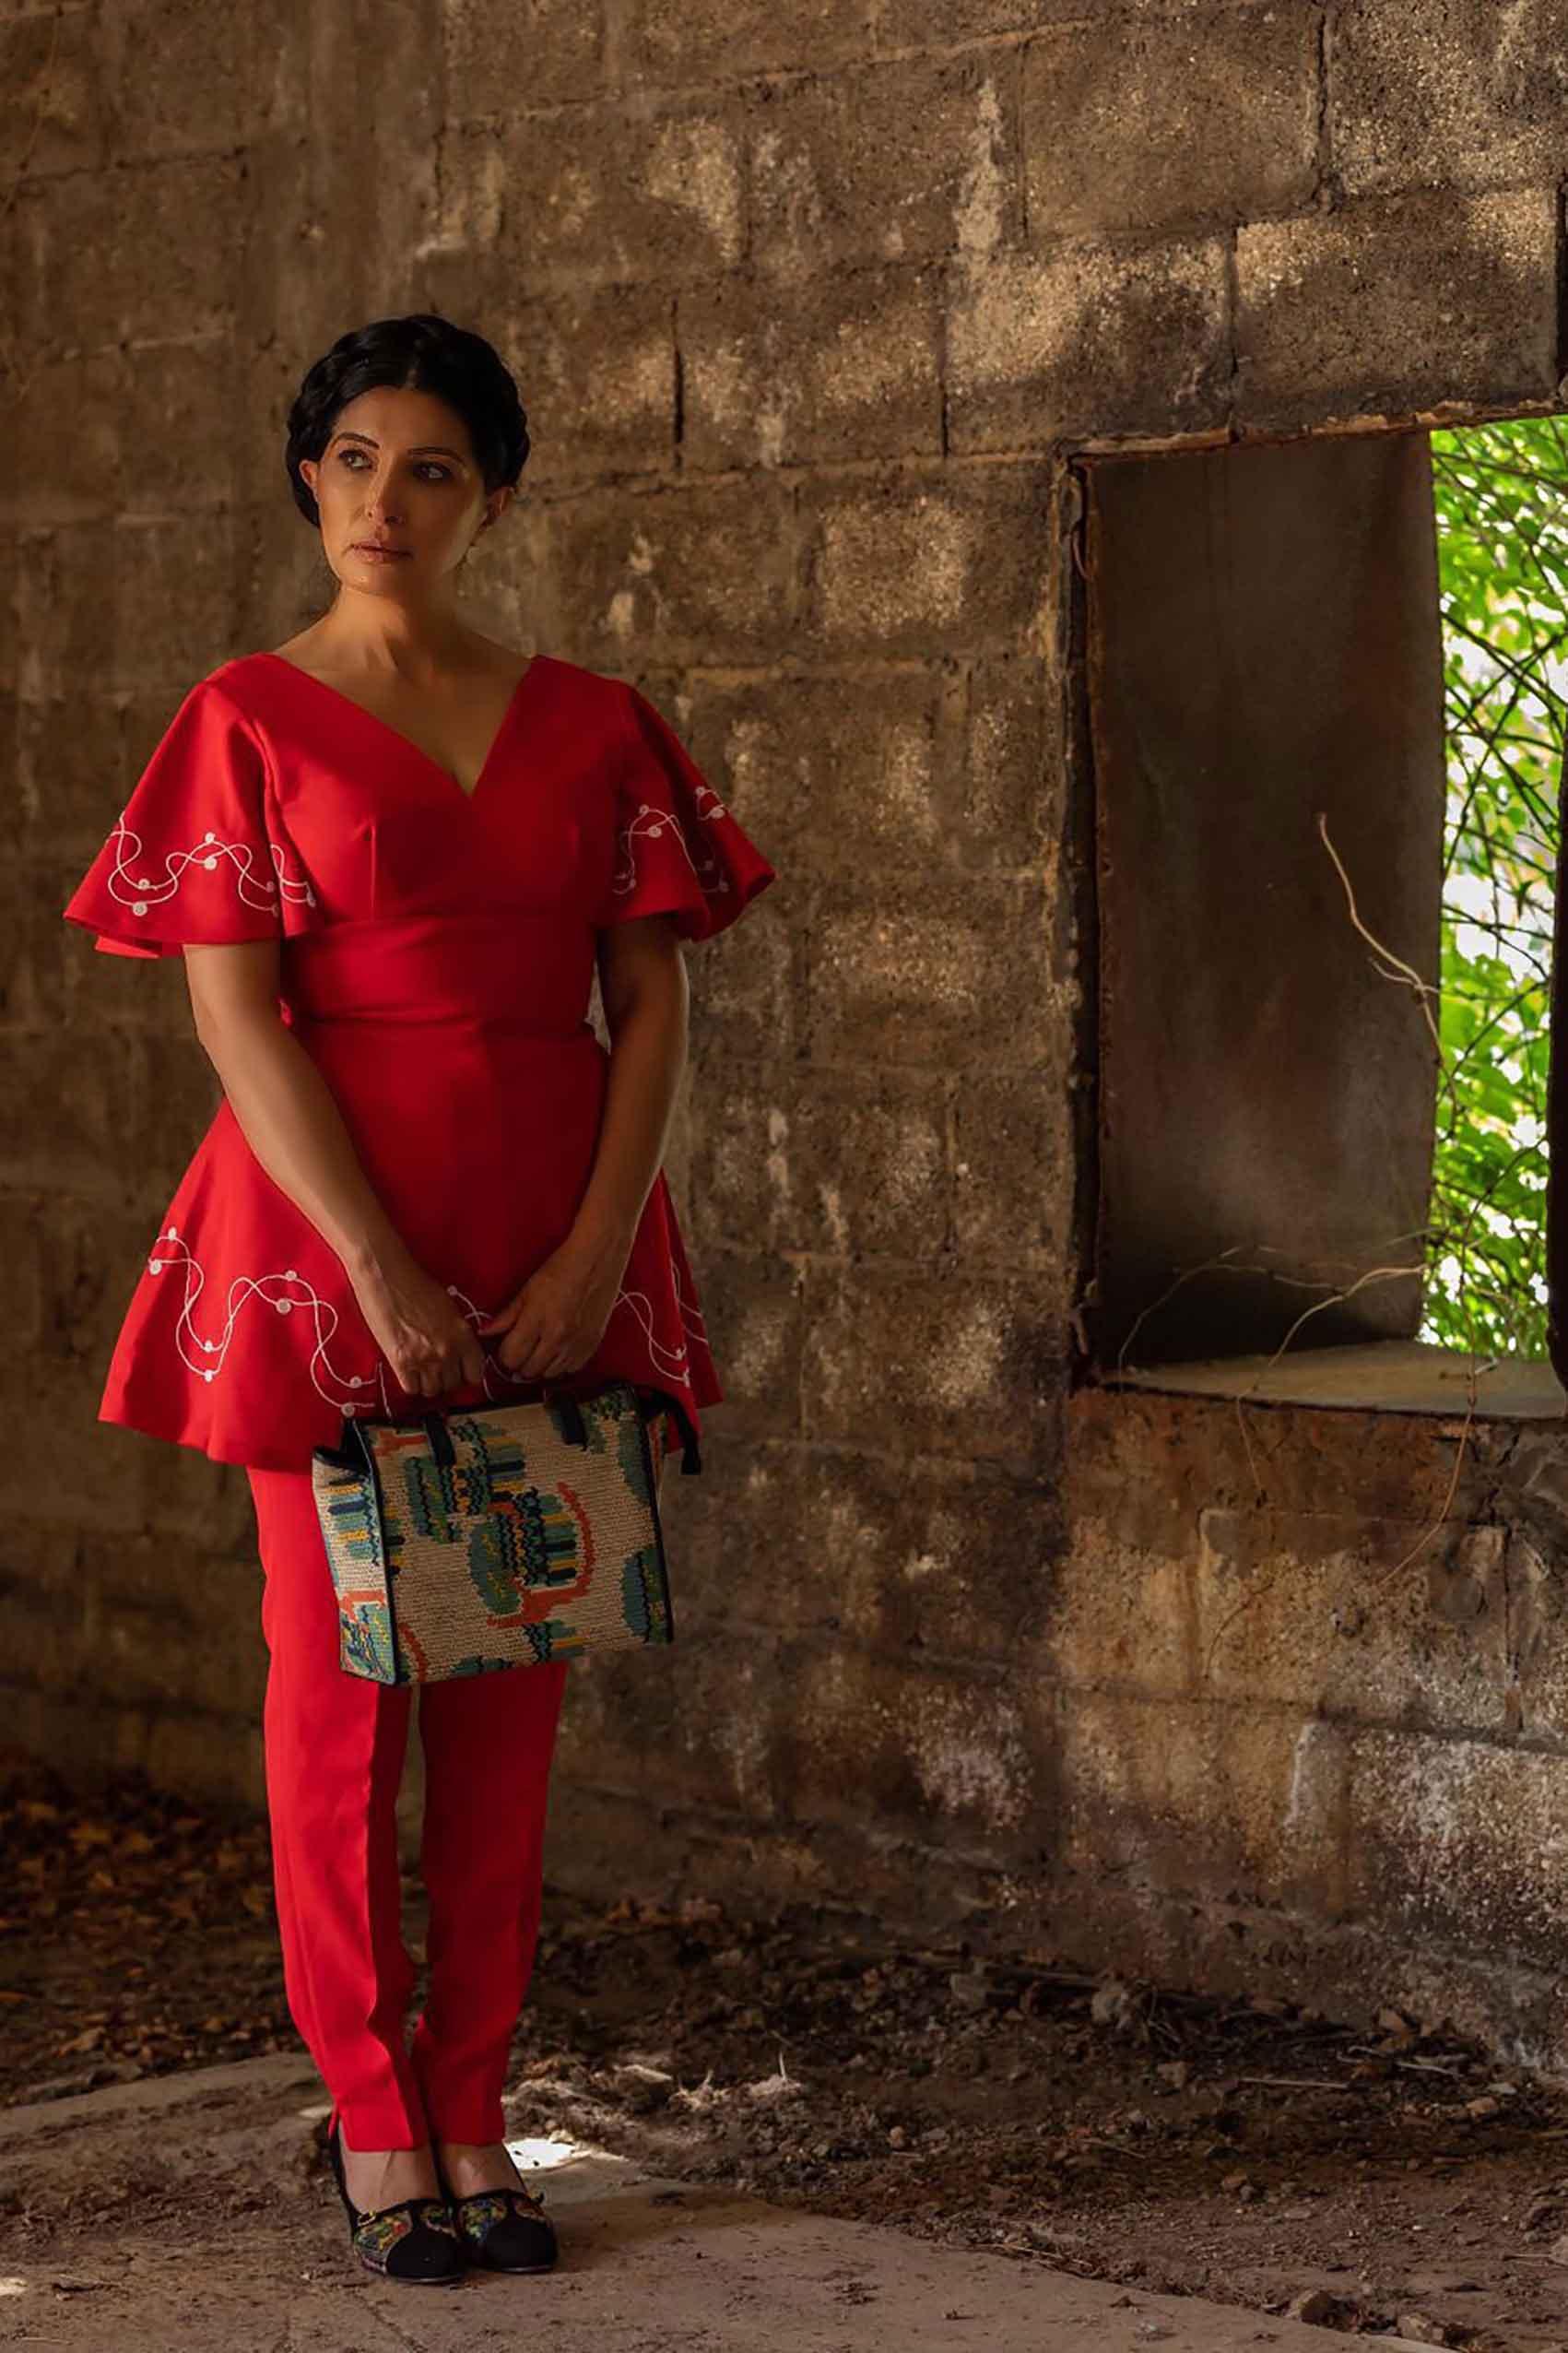 אופנה-מגזין-אופנה-לובשת-וינטג-מאיה-אושרי-צילום-מיקי-בן-עטר -86